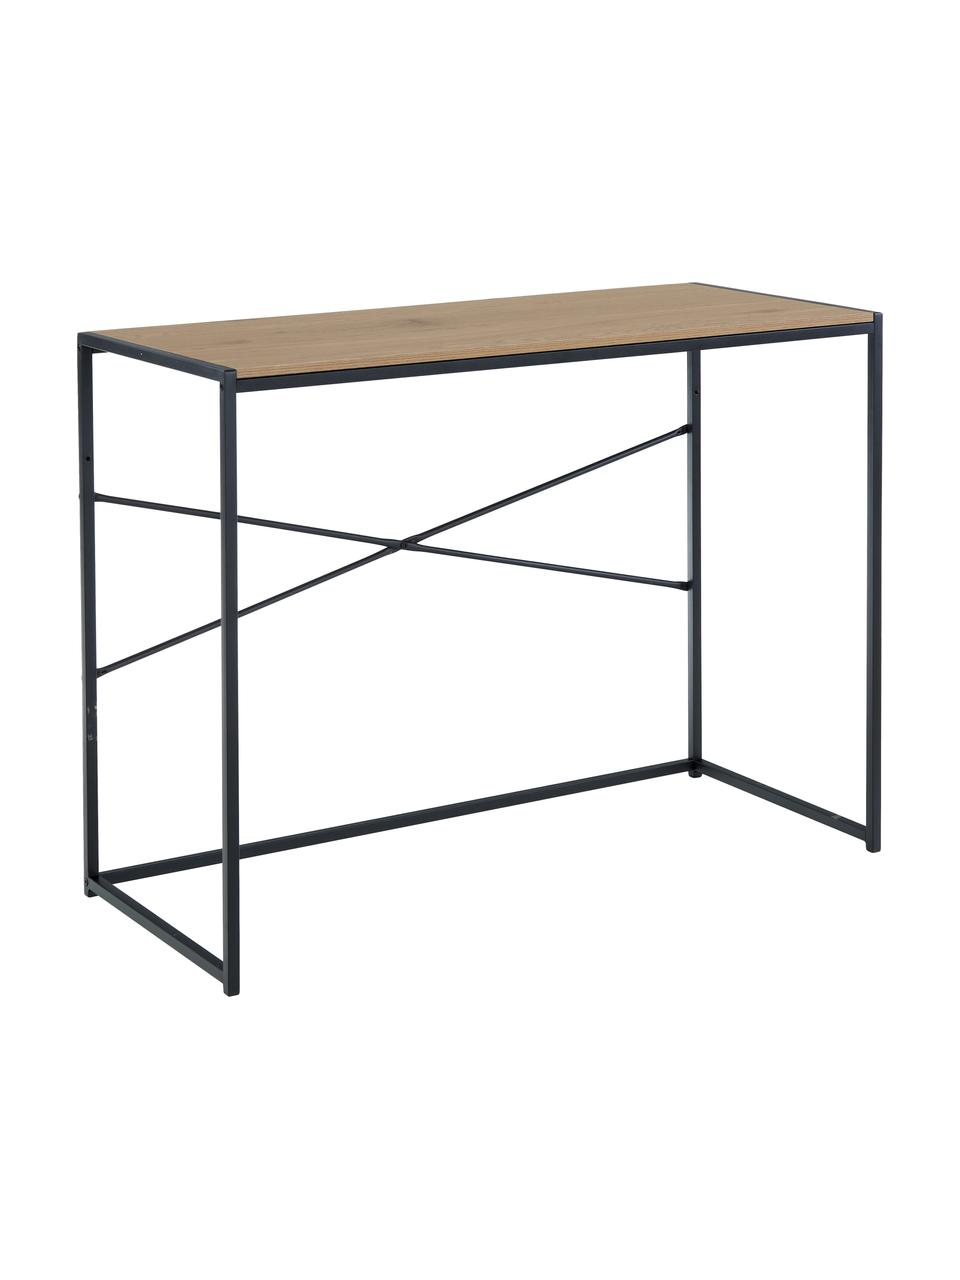 Smal bureau Seaford van hout en metaal, Tafelblad: gecoat MDF, Frame: gepoedercoat metaal, Tafelblad: eikenhoutkleurig. Frame: zwart, B 100 x D 45 cm